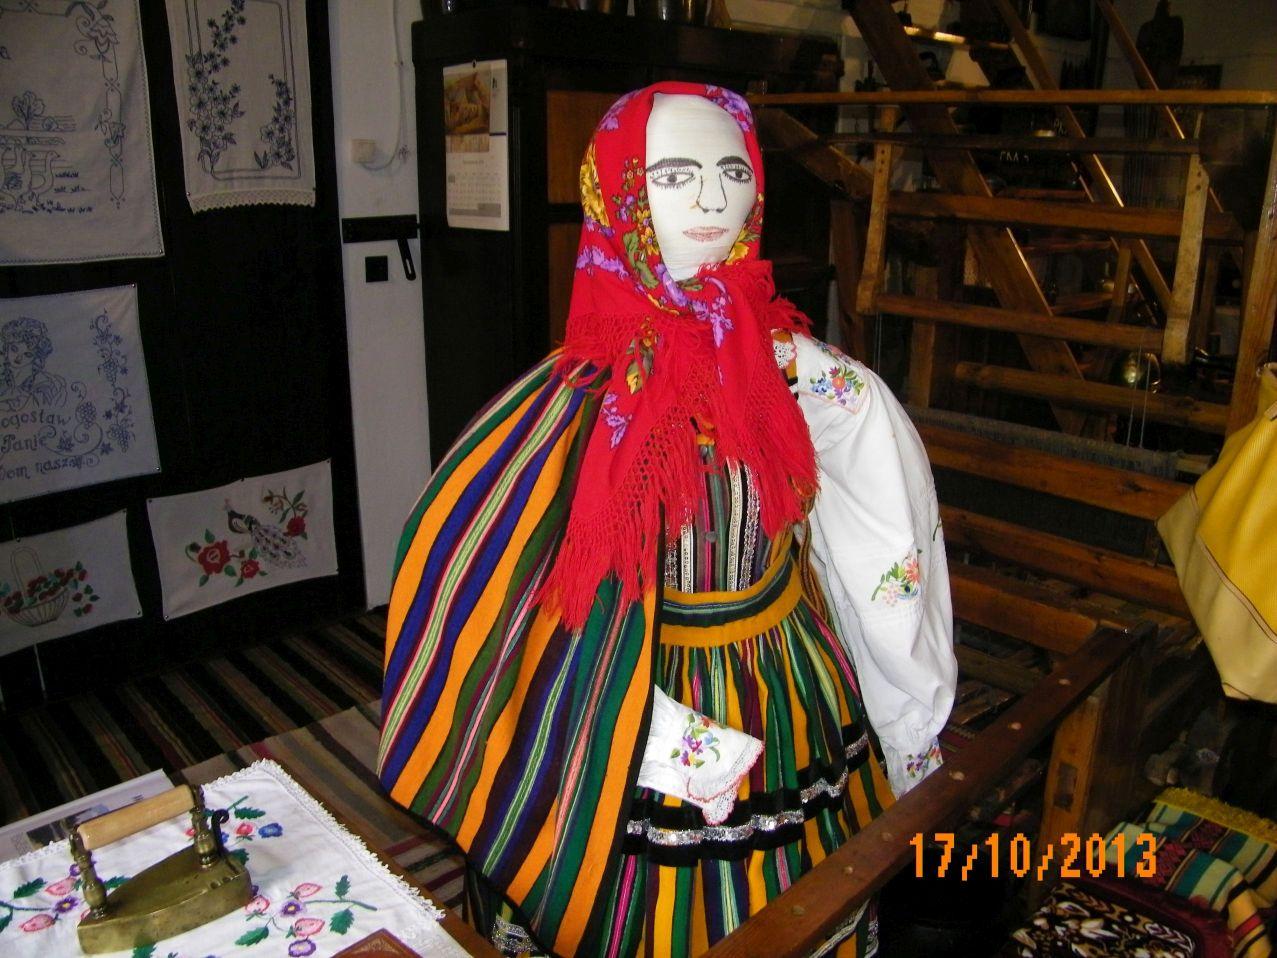 2013-10-17 Wycieczka z Sadkowic (35)